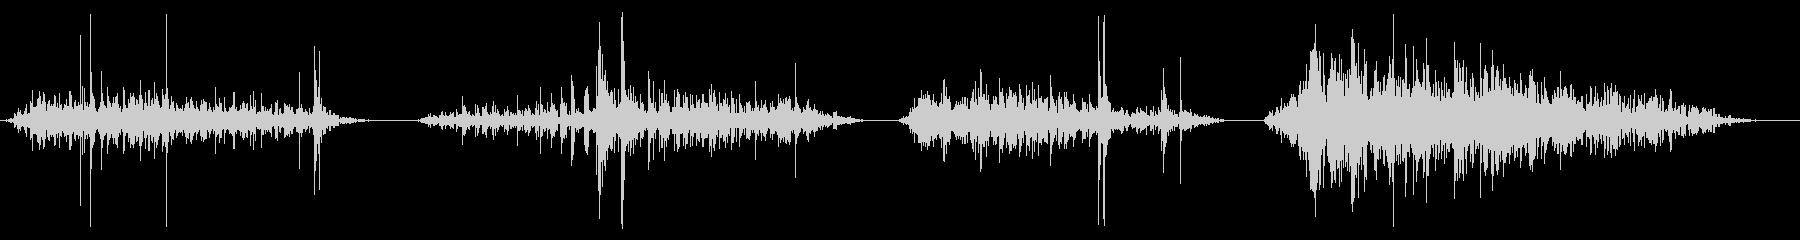 チェーン、重いけん引x4の未再生の波形